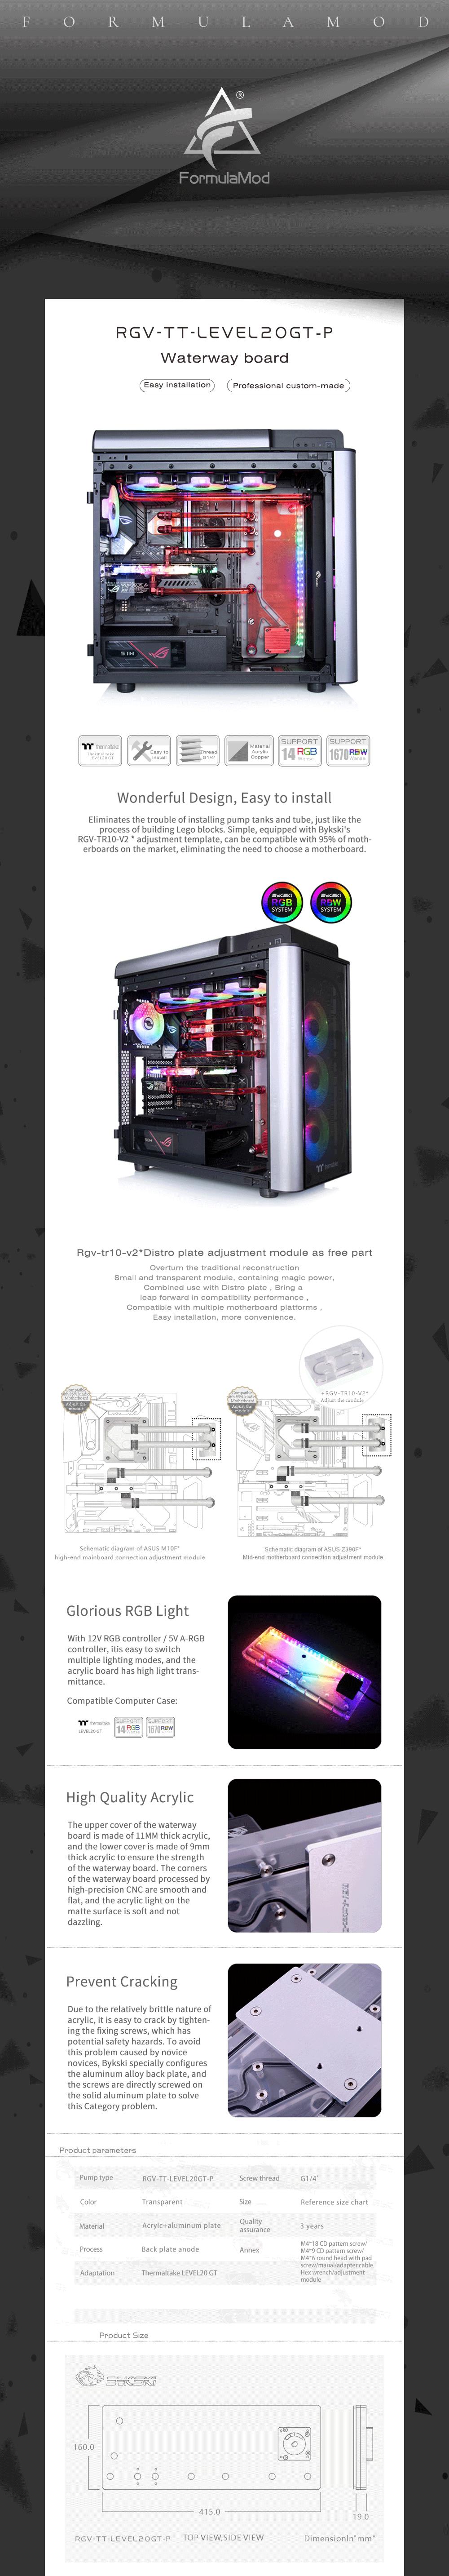 Bykski Waterway Cooling Kit For Tt LEVEL20 GT Case, 5V ARGB, For Single GPU Building, RGV-TT-LEVEL20GT-P